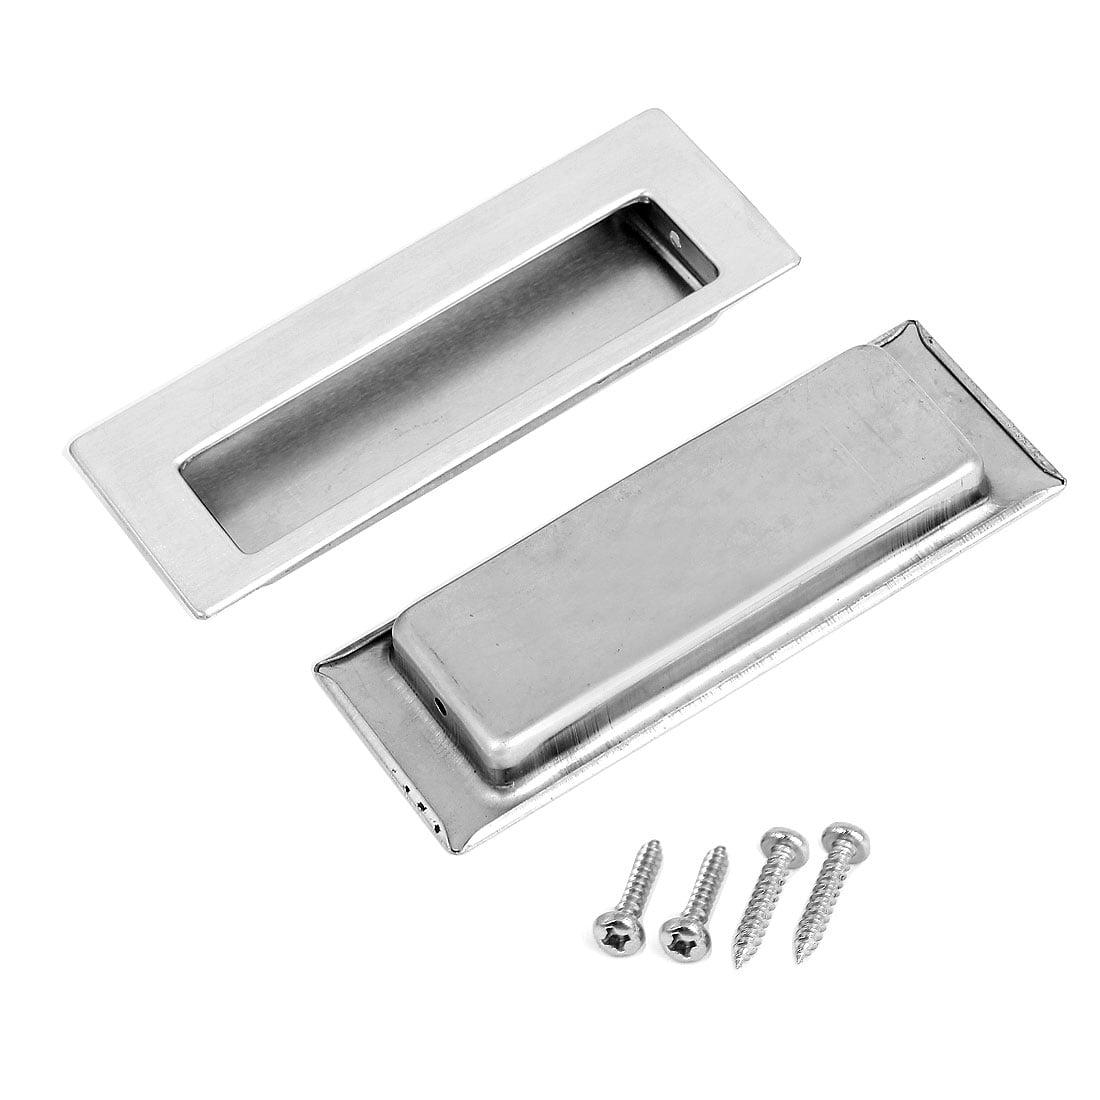 tiroir Porte 115 x 41 mm encastré Flush Poignée de traction Hardware 2 pcs - image 1 de 1